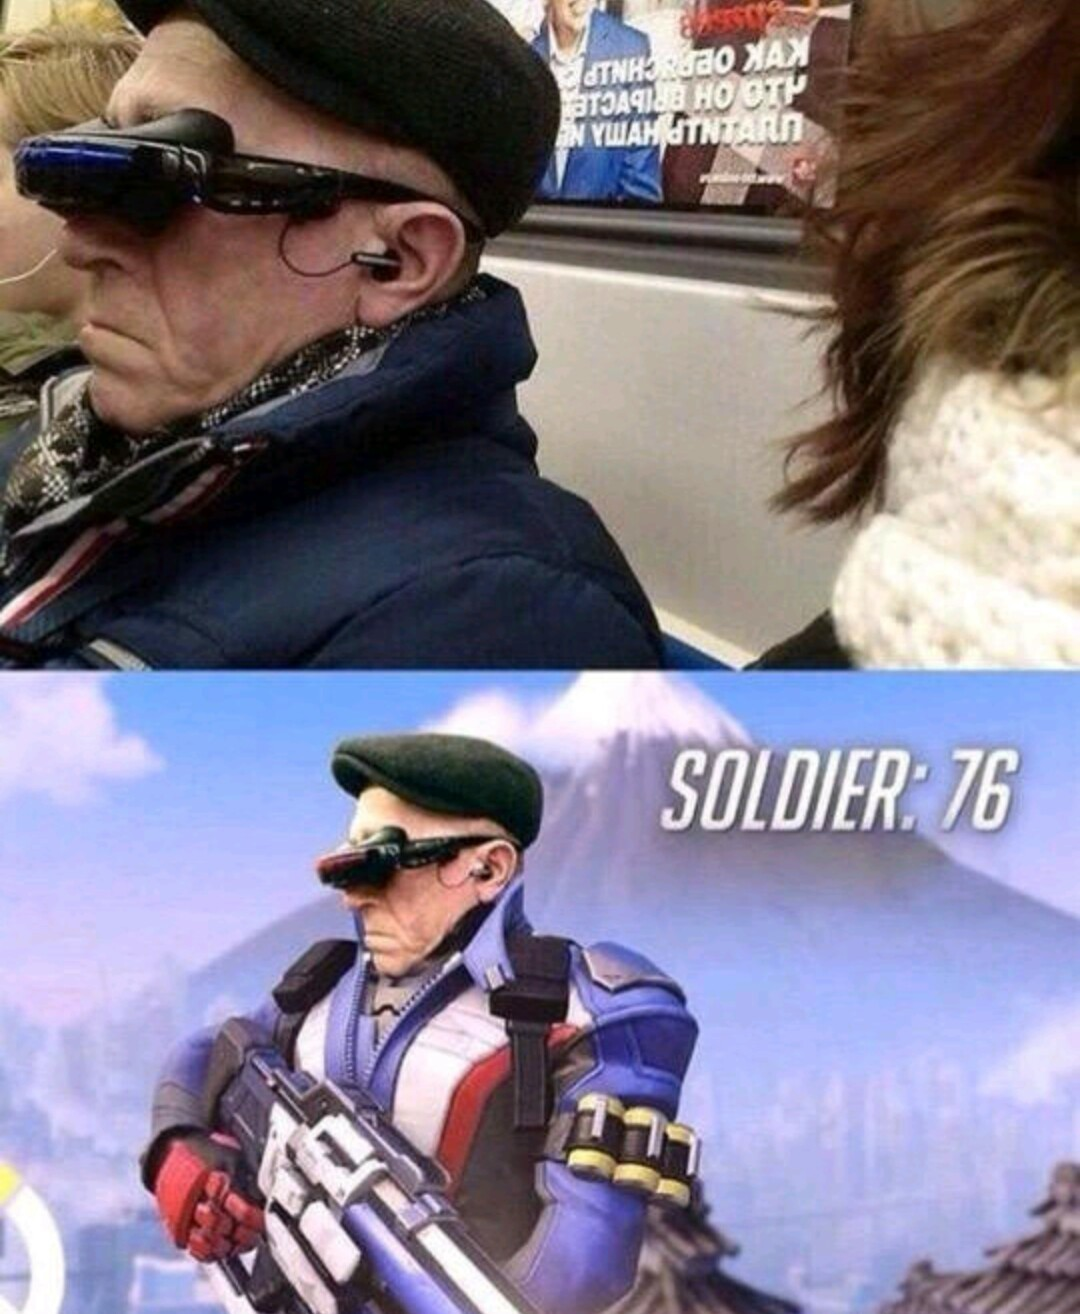 Soldier - meme